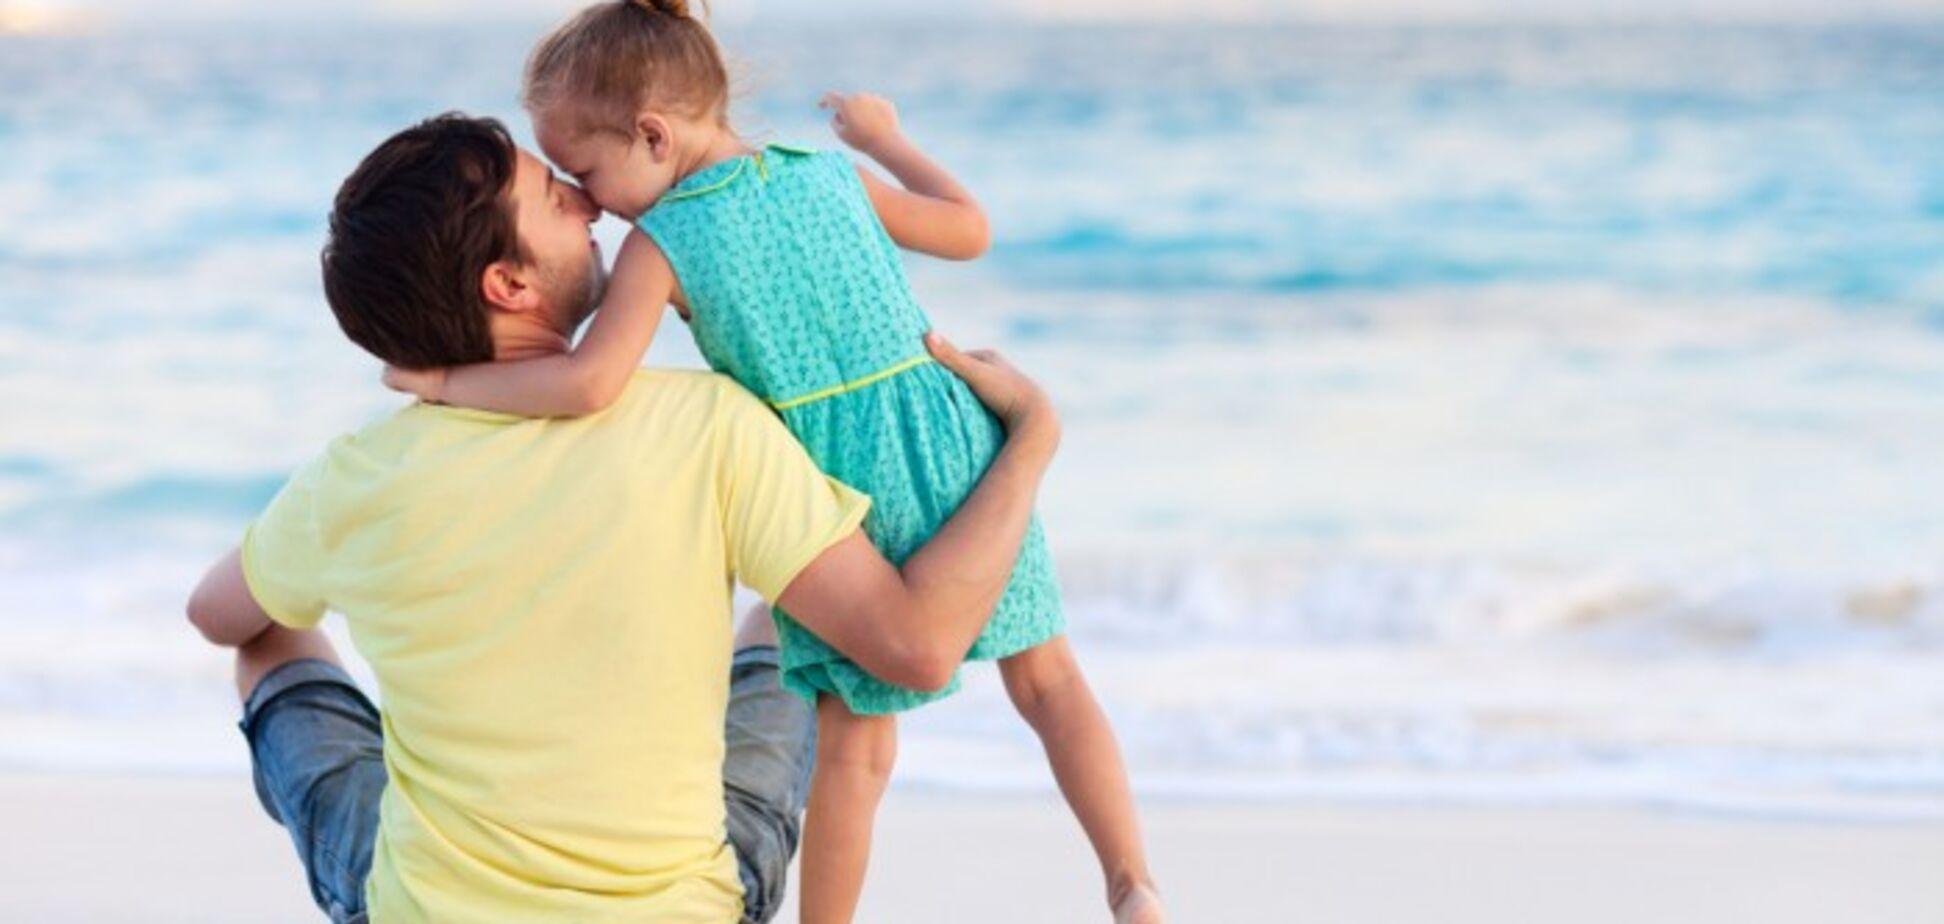 Лайфхаки от папы: как отцу провести время с дочкой